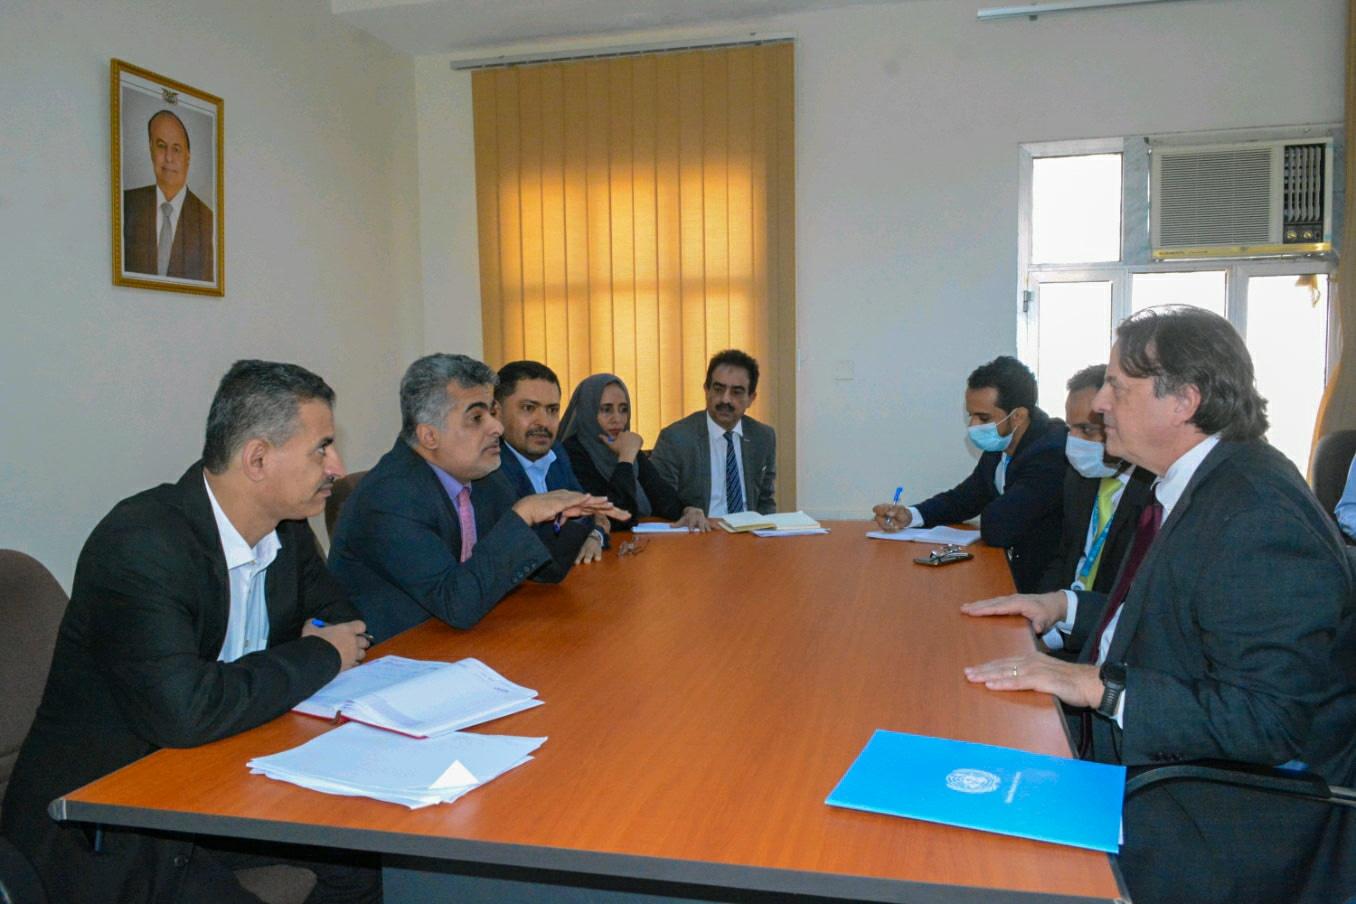 نائب وزير التخطيط يلتقي منسق أمين عام الأمم المتحدة للشؤون الإنسانية